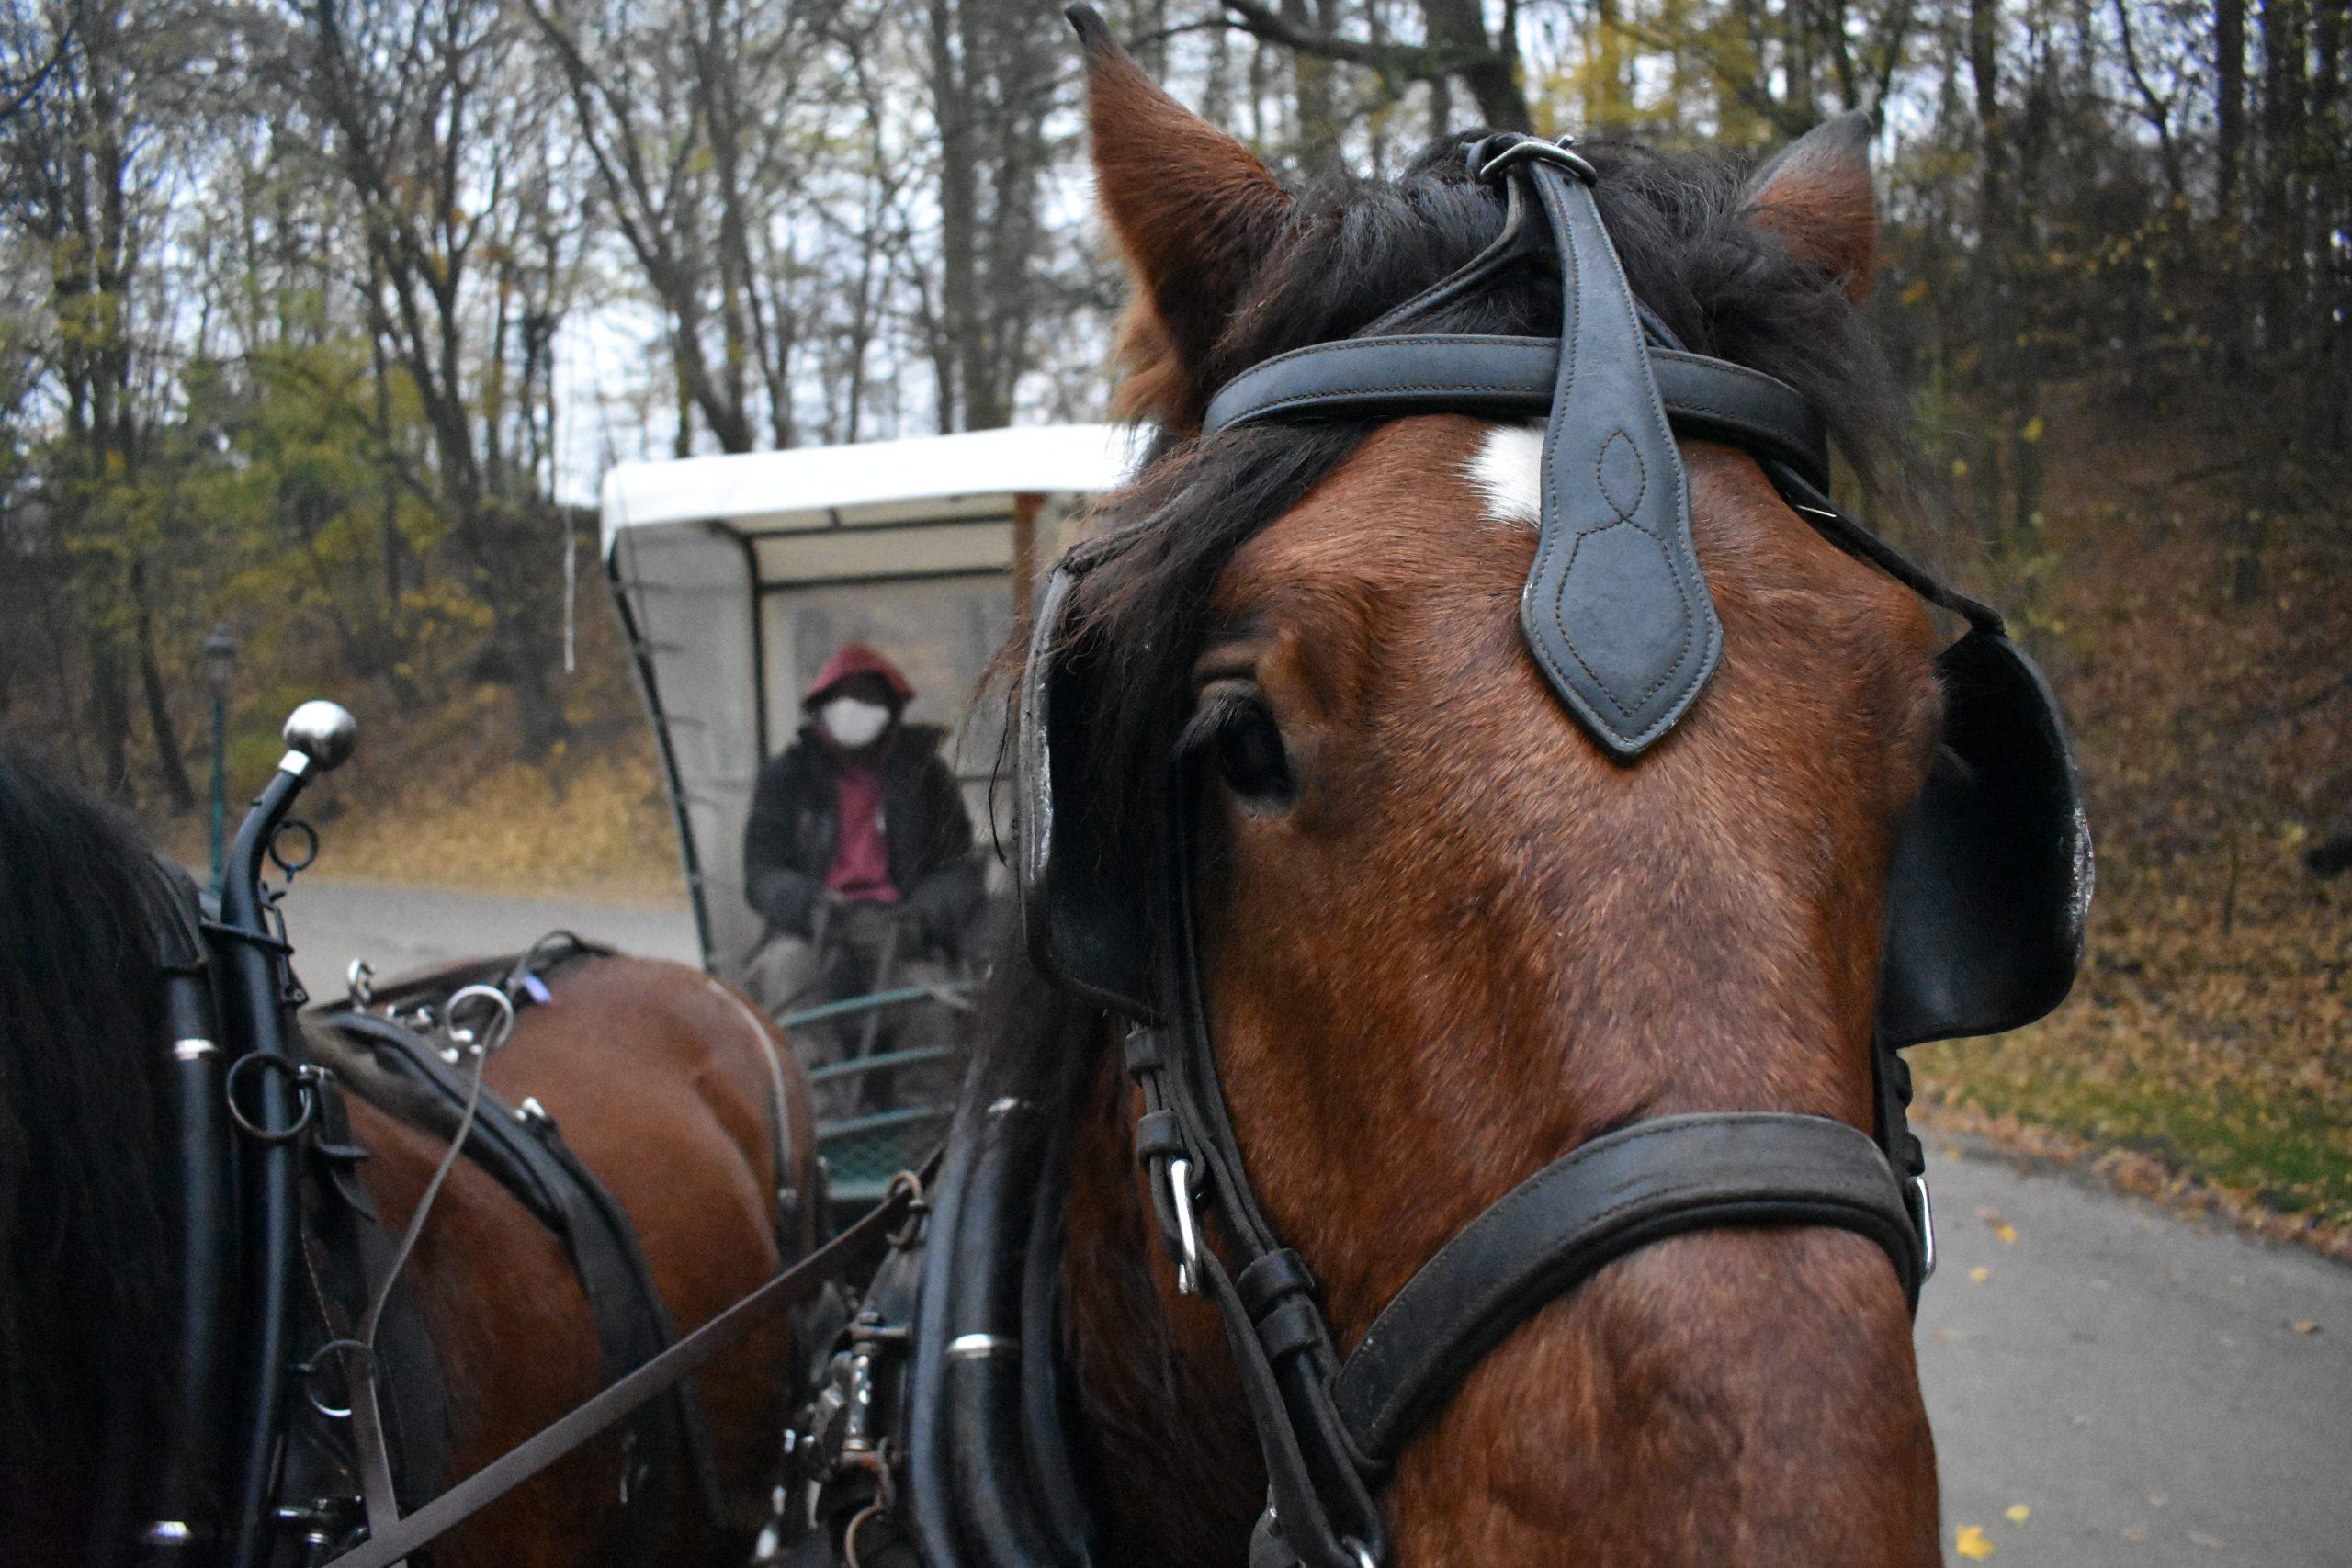 L'énergie cheval dans les parcs bruxellois et en forêt de Soignes.